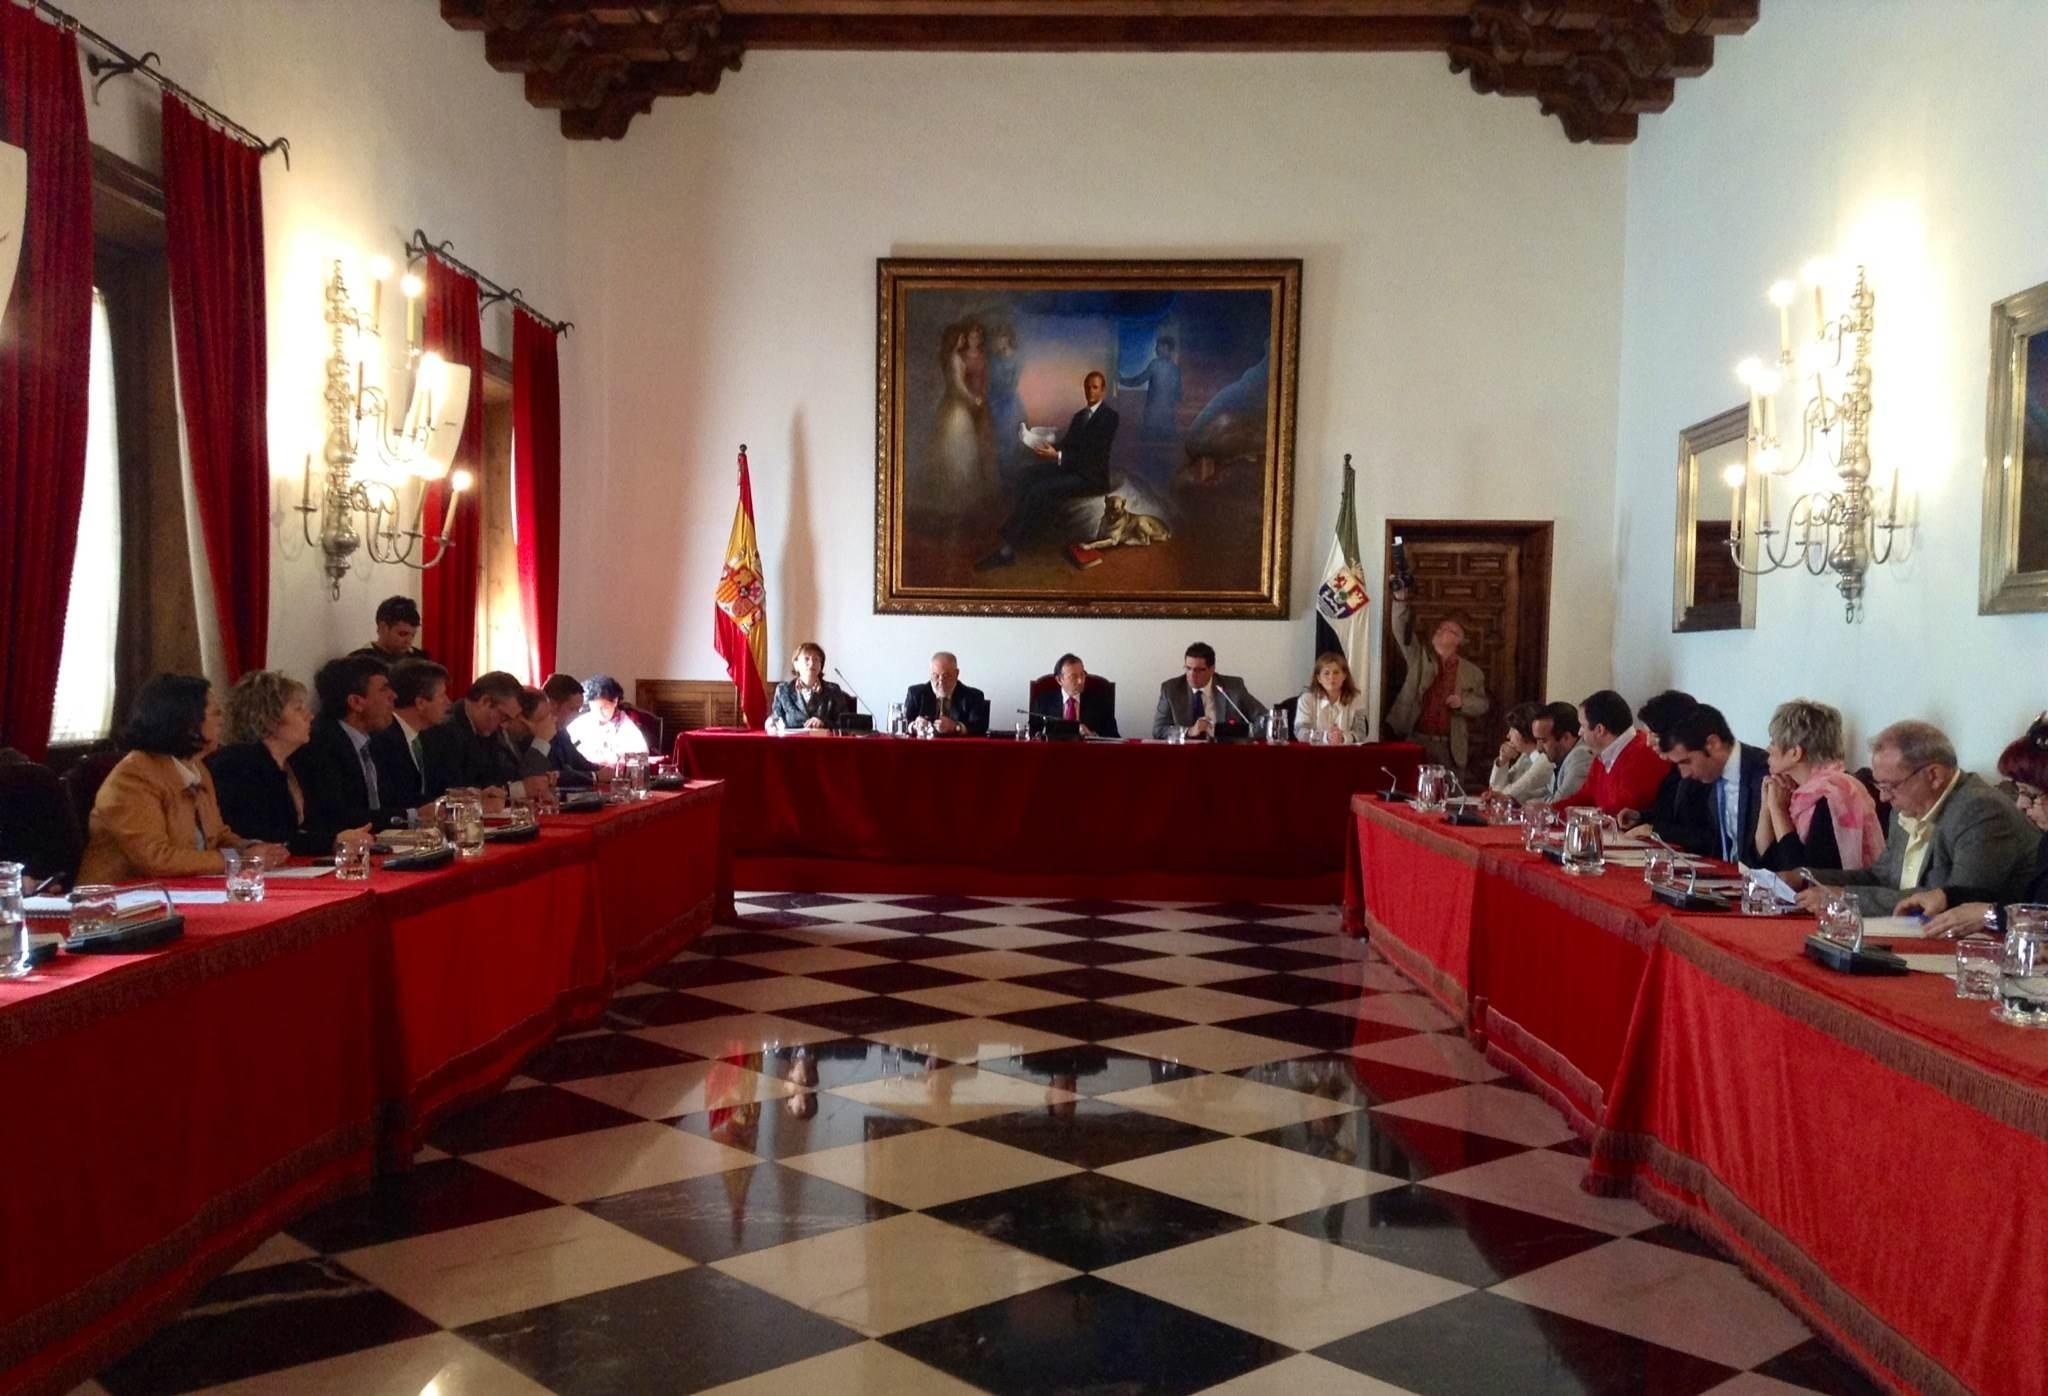 La Diputación de Cáceres rechaza el Plan de Empleo del PSOE por «criterios basados en la legalidad»